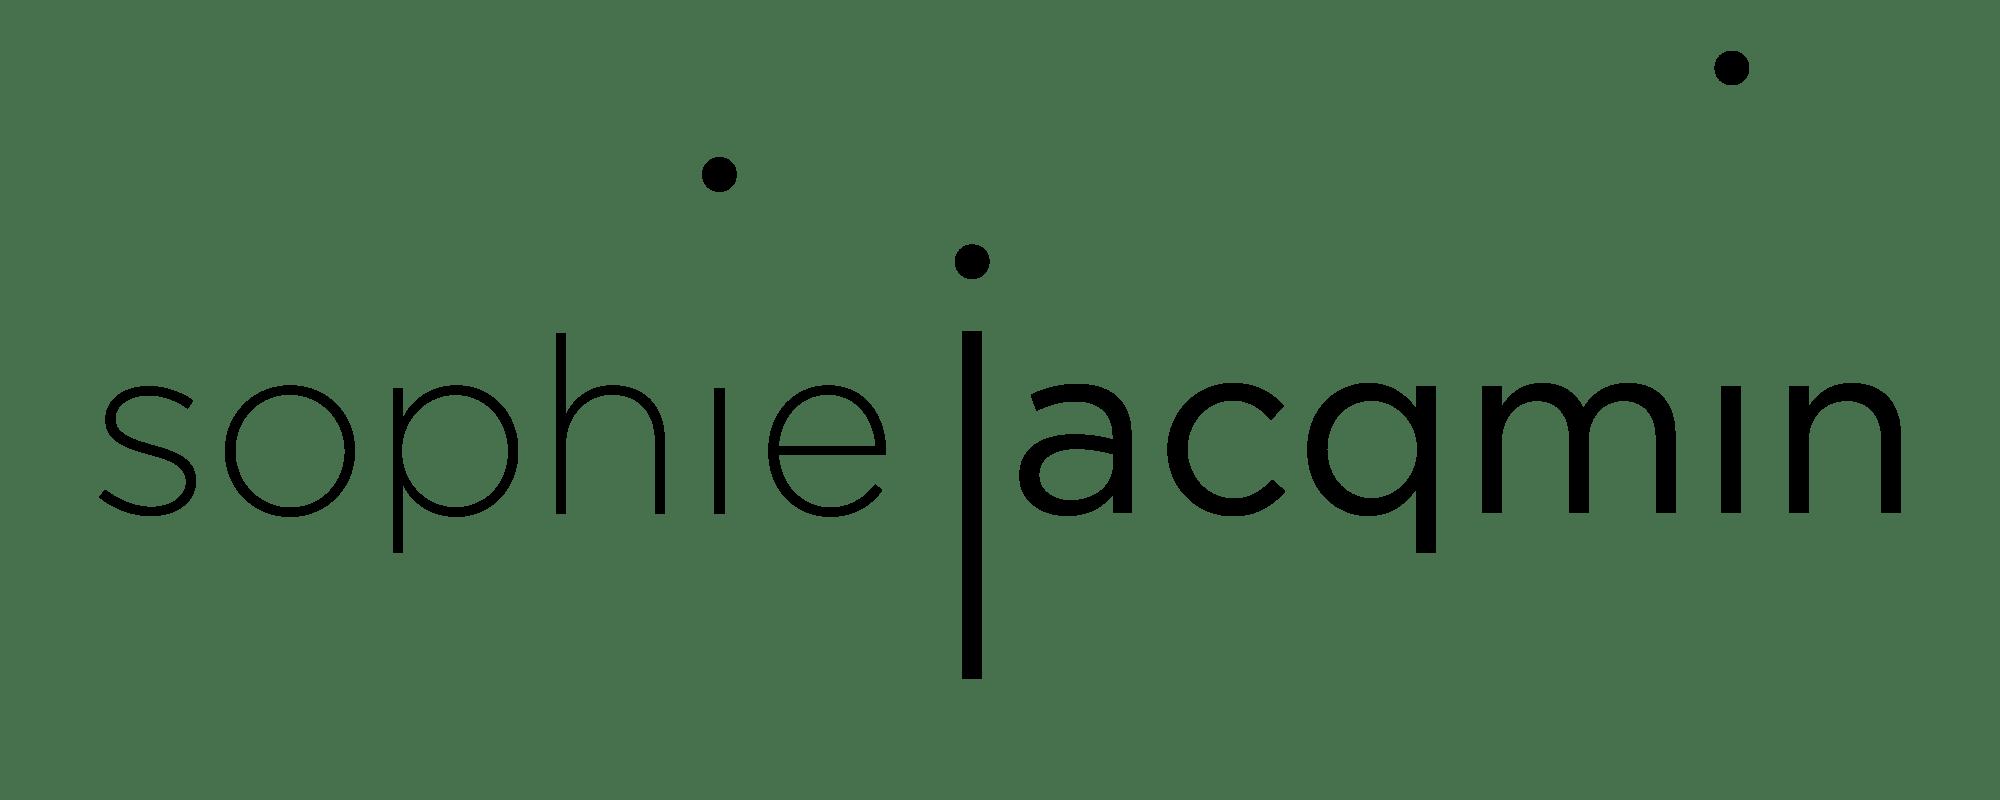 sophie jacqmin. Black Bedroom Furniture Sets. Home Design Ideas